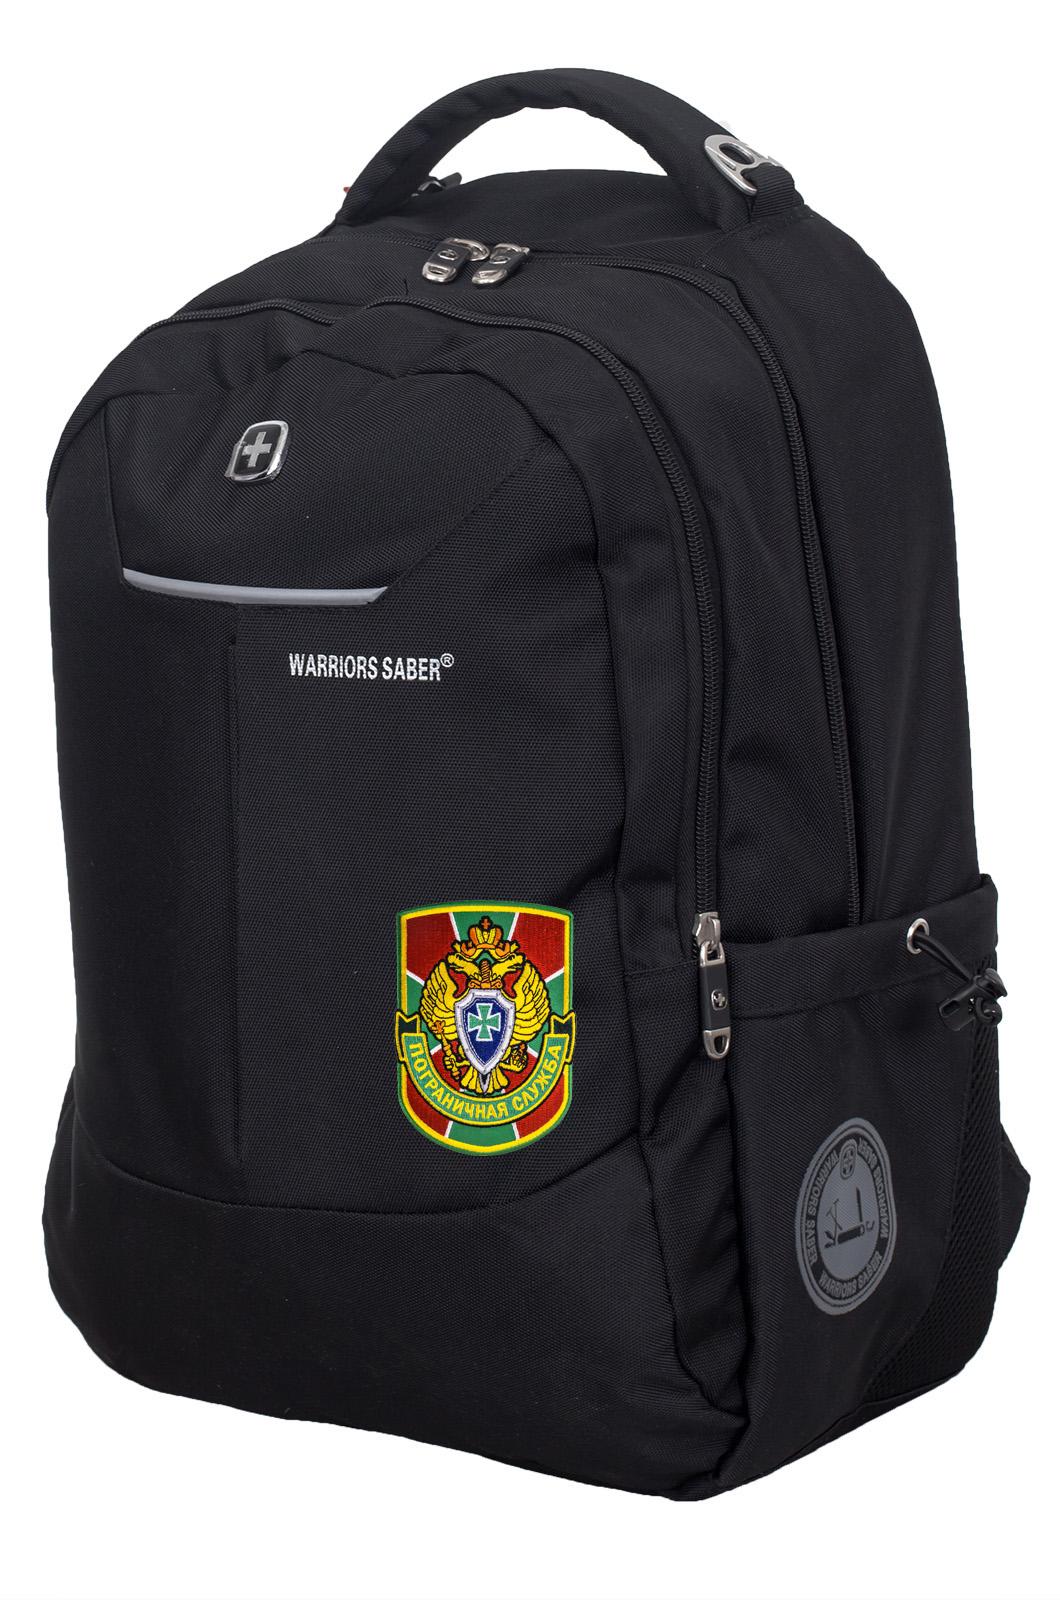 Черный мужской рюкзак с нашивкой Погранслужбы - купить в подарок